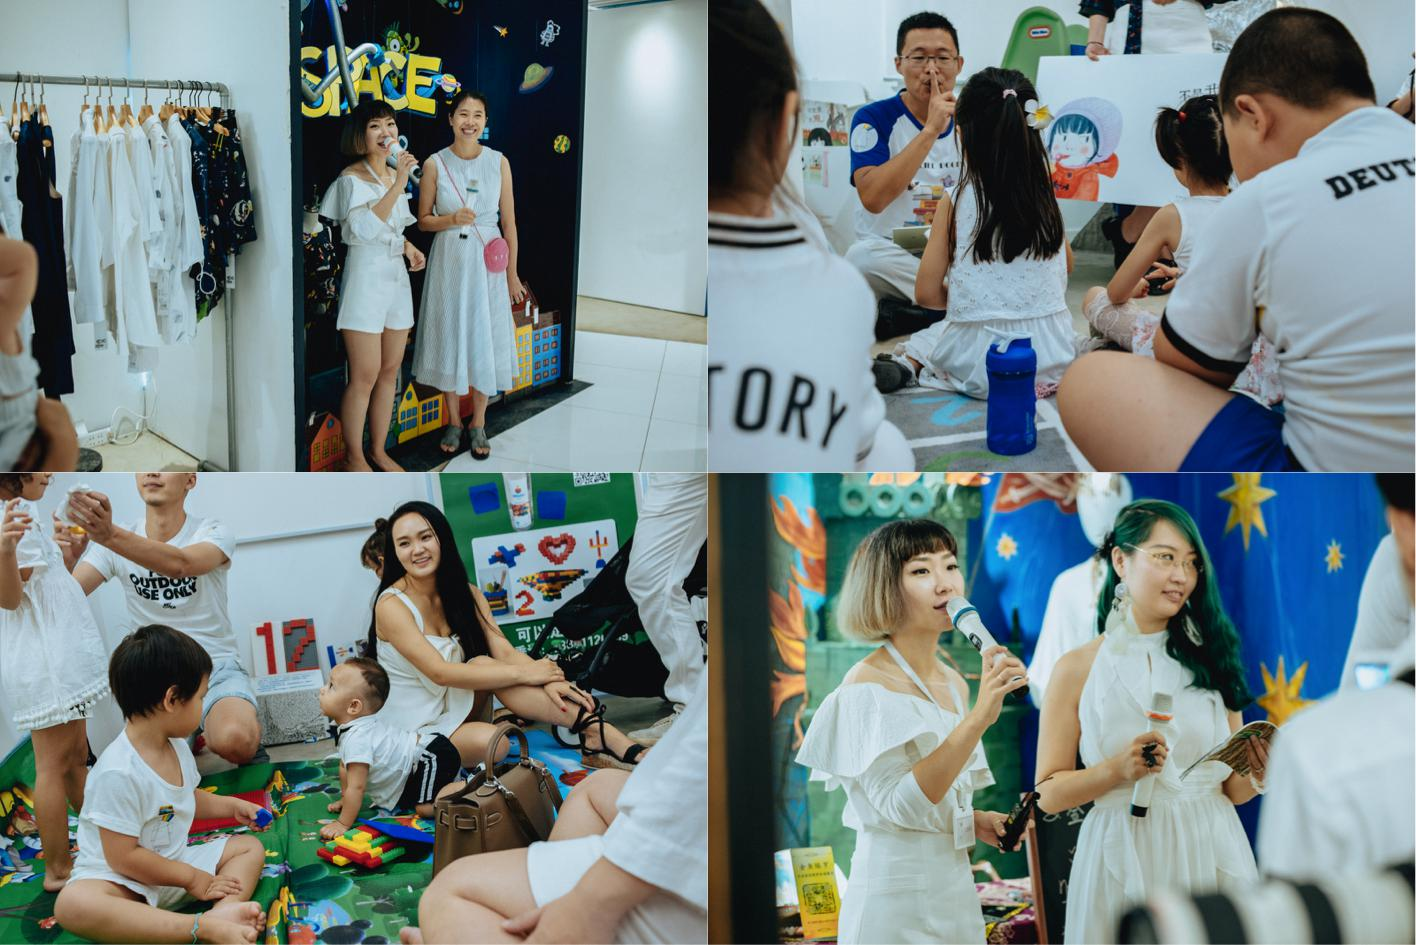 中国健康教育工程受邀出席白集,为儿童健康献礼